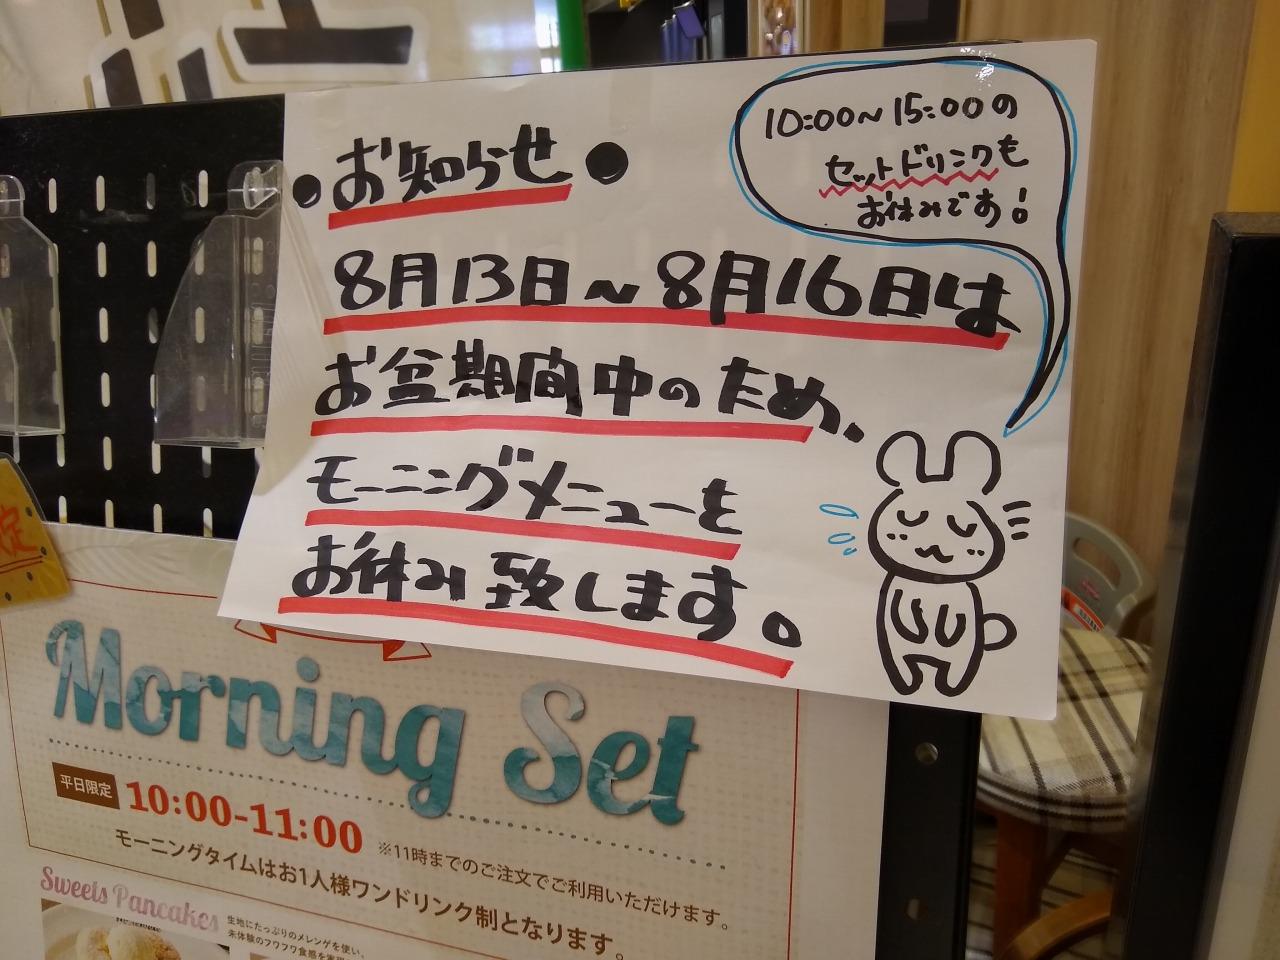 メレンゲトレッサ横浜店お知らせ